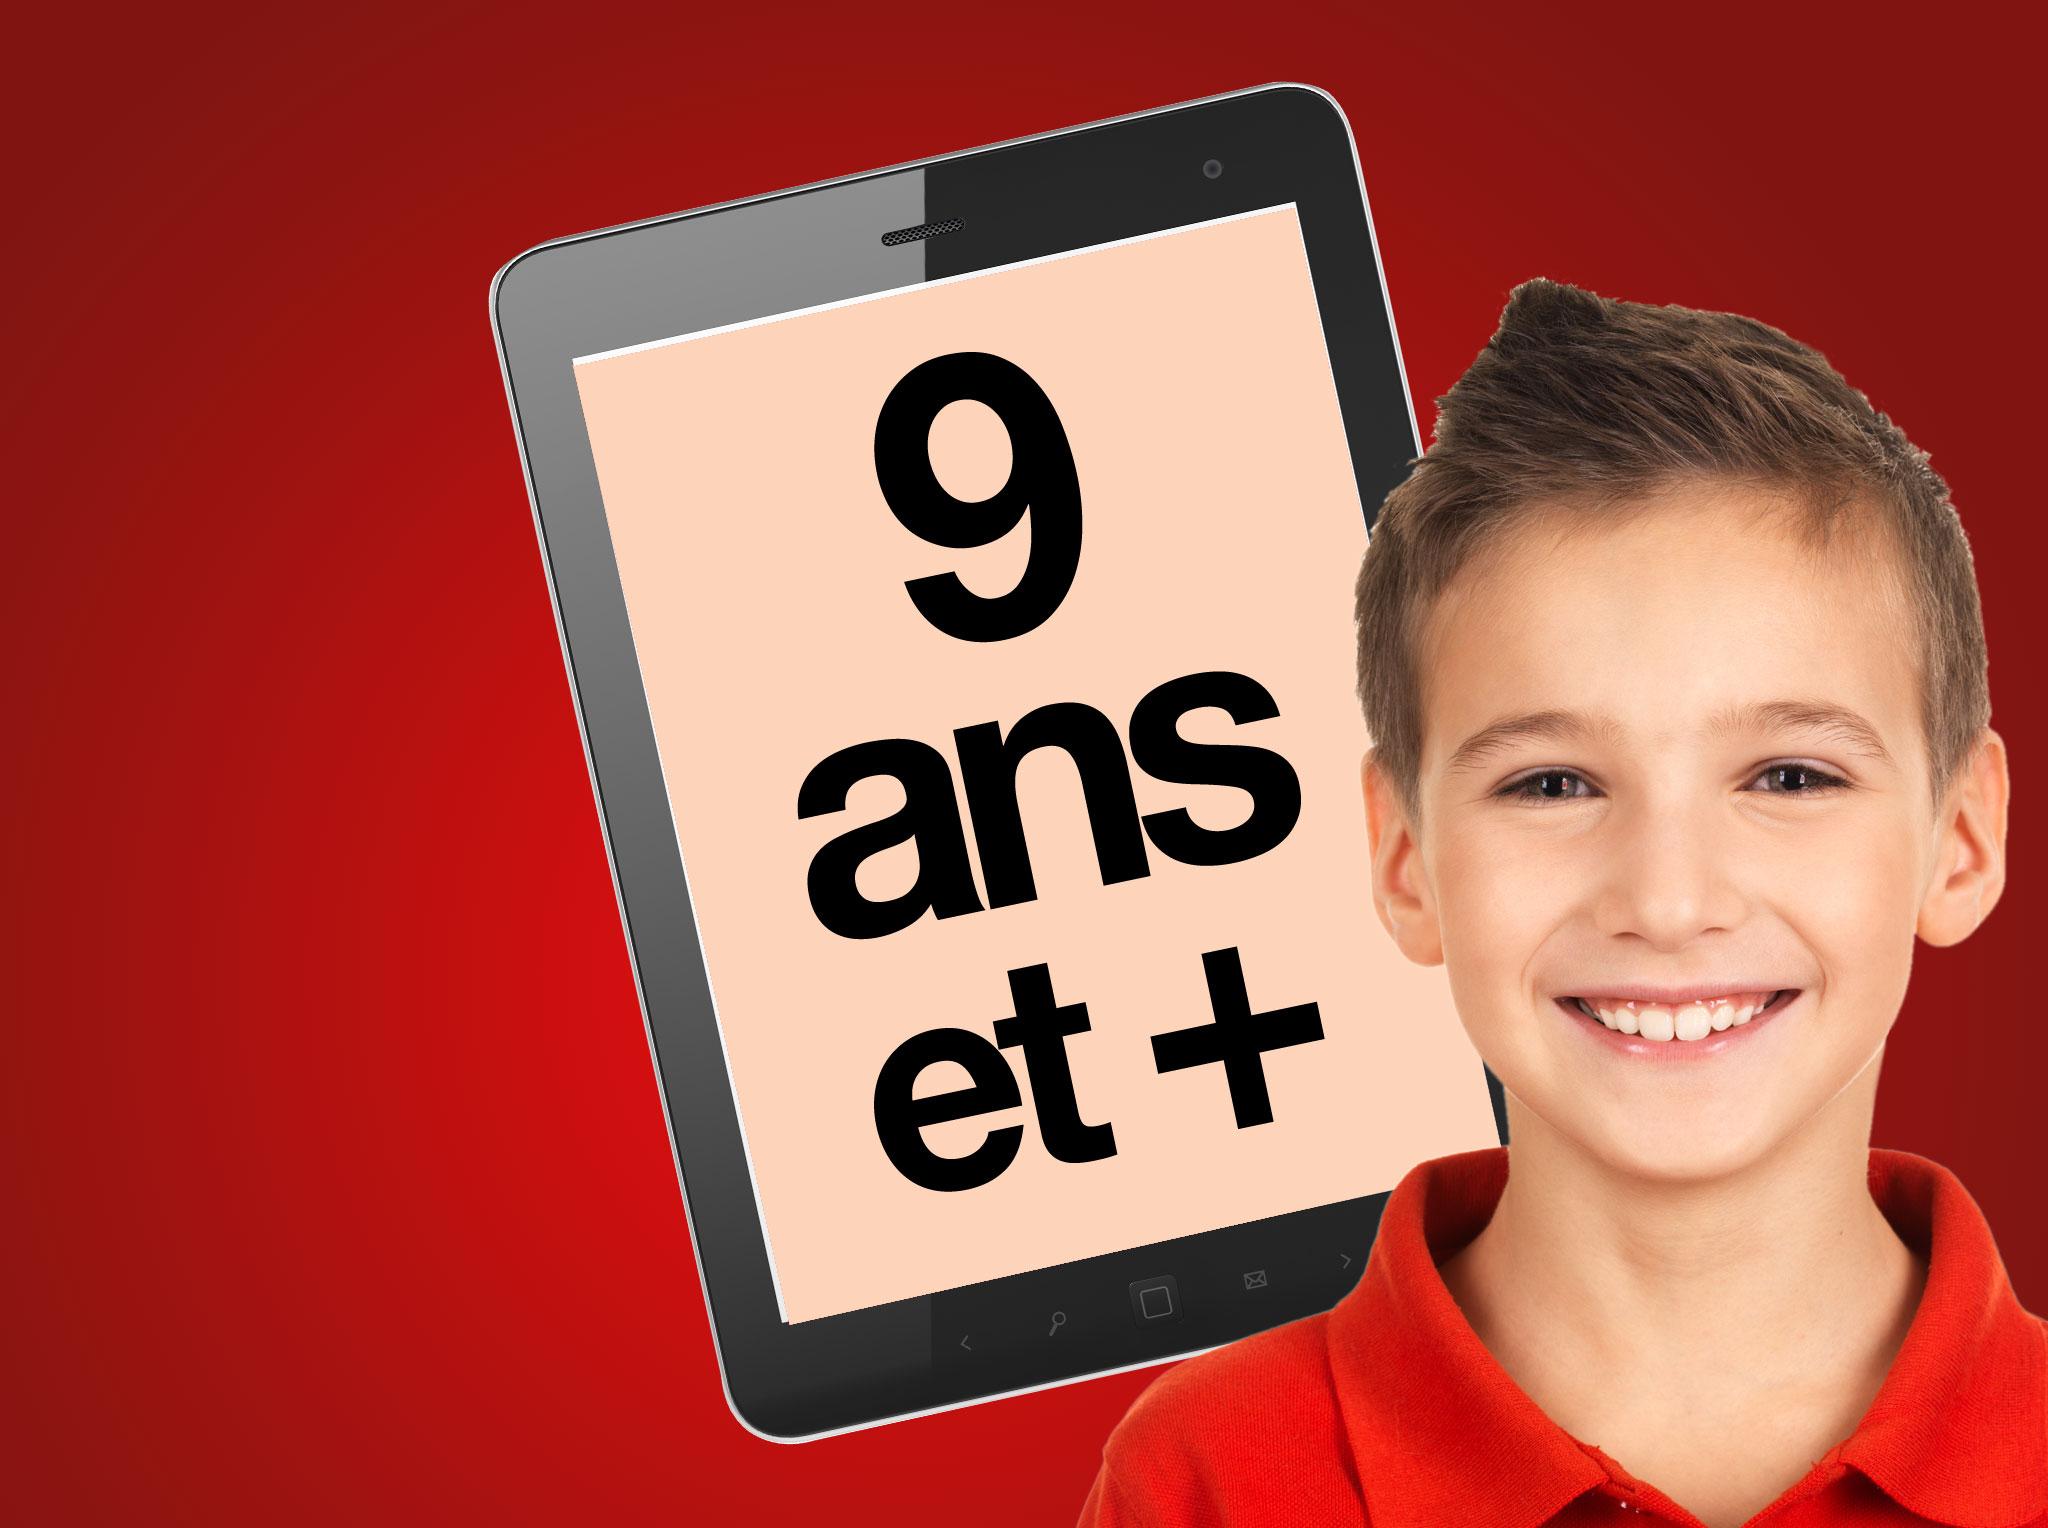 Jeux Sur Tablette: 64 Choix Pour Enfants | Protégez-Vous.ca encequiconcerne Jeux Educatif 4 Ans Gratuit En Ligne